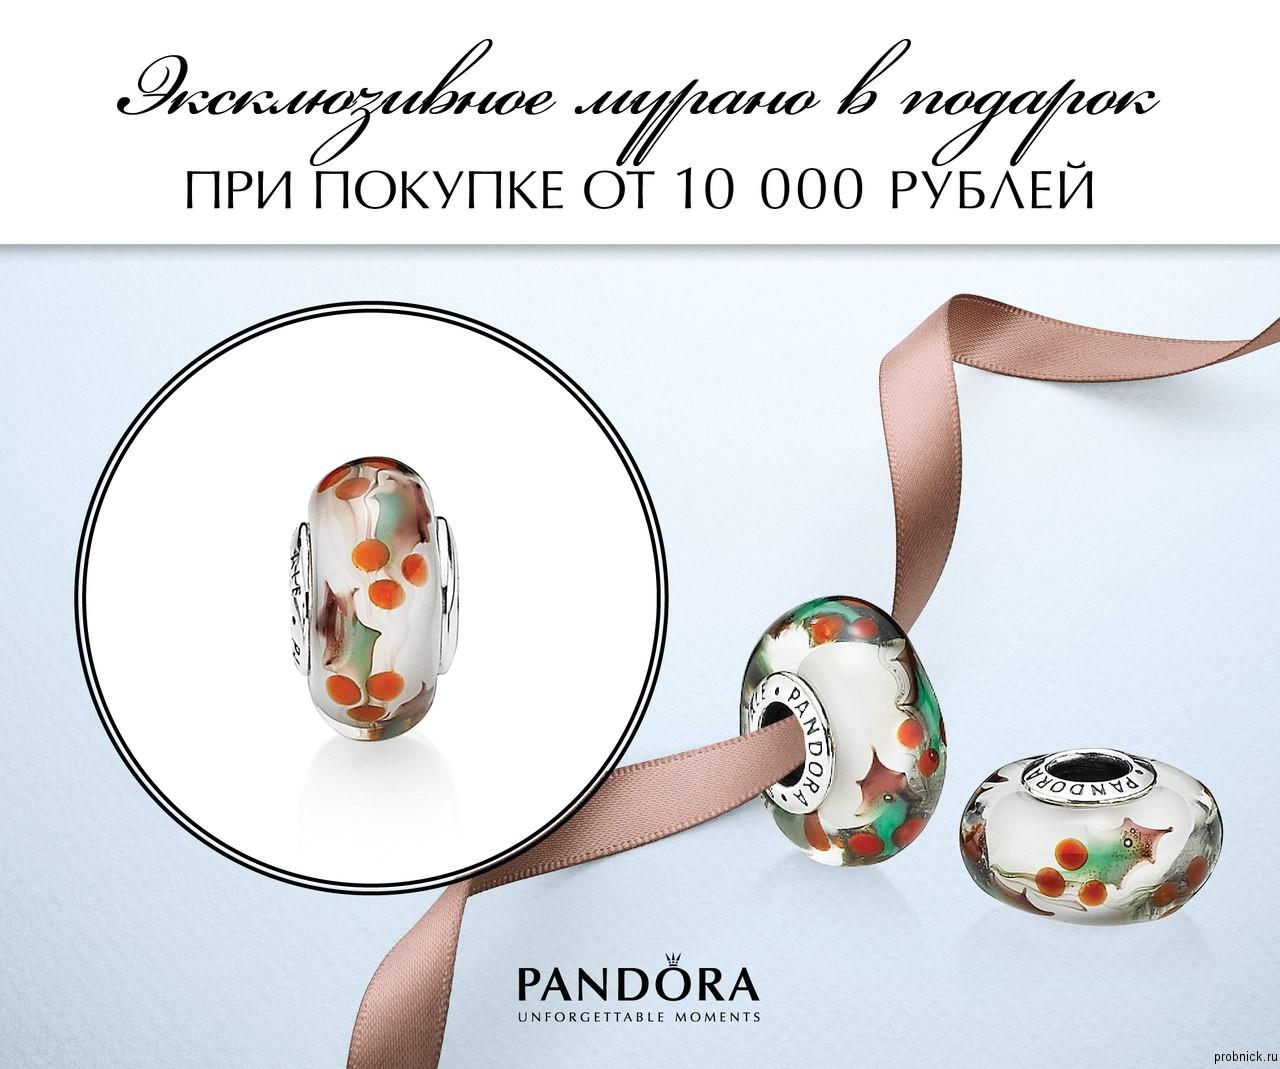 pandora(1)